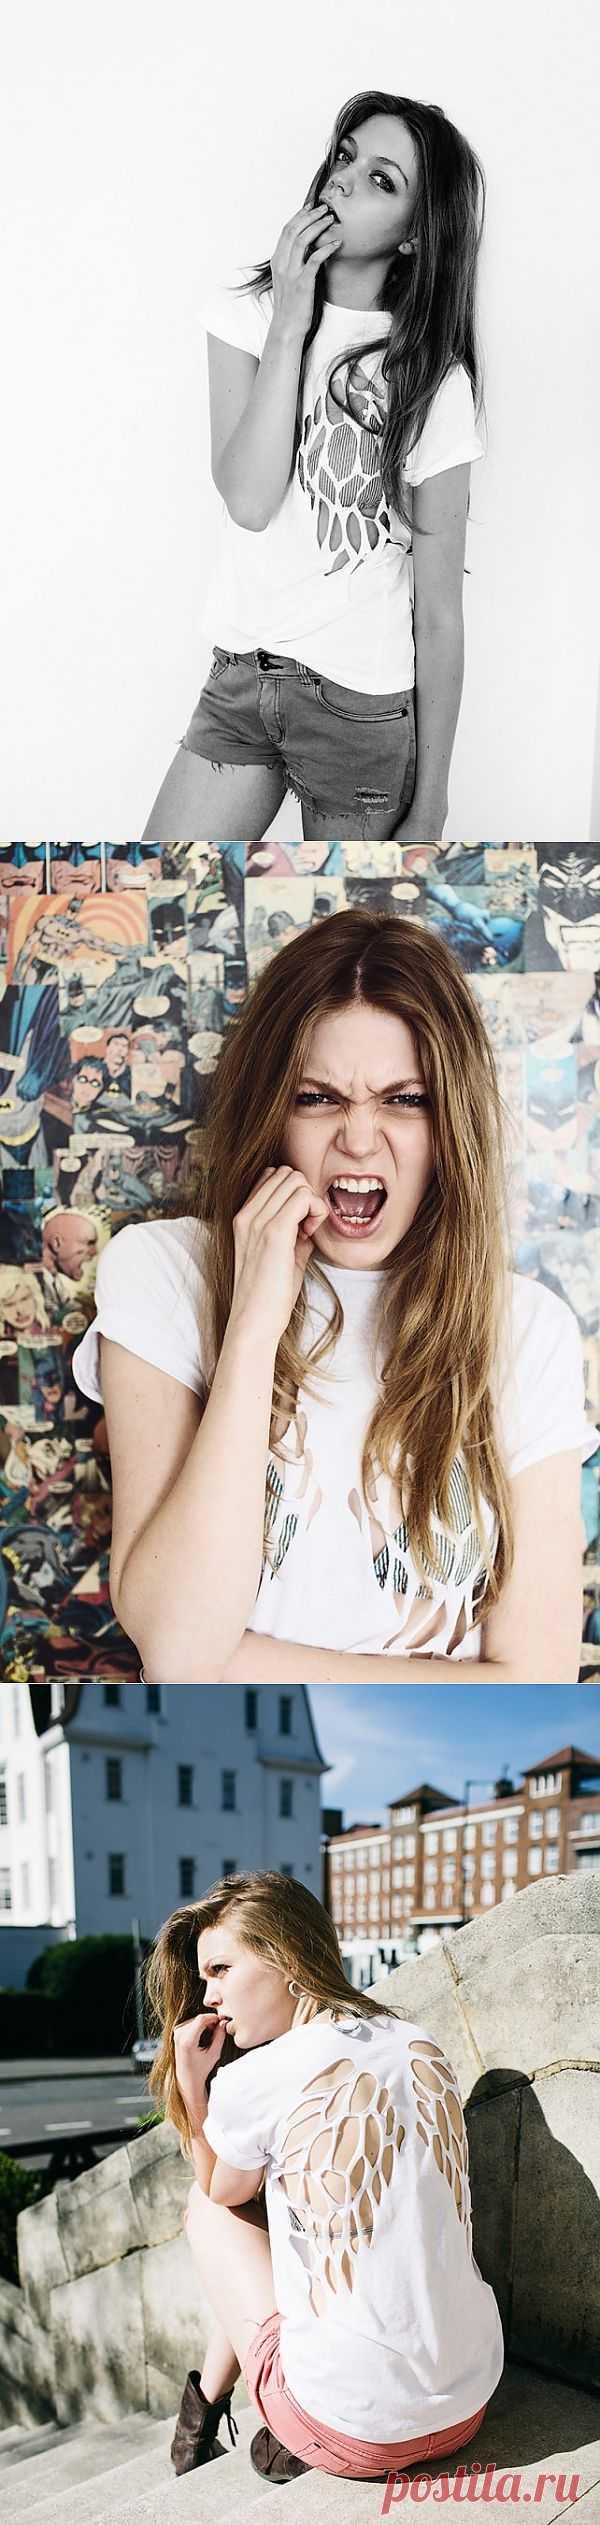 Прорези на футболке / Прорези / Модный сайт о стильной переделке одежды и интерьера